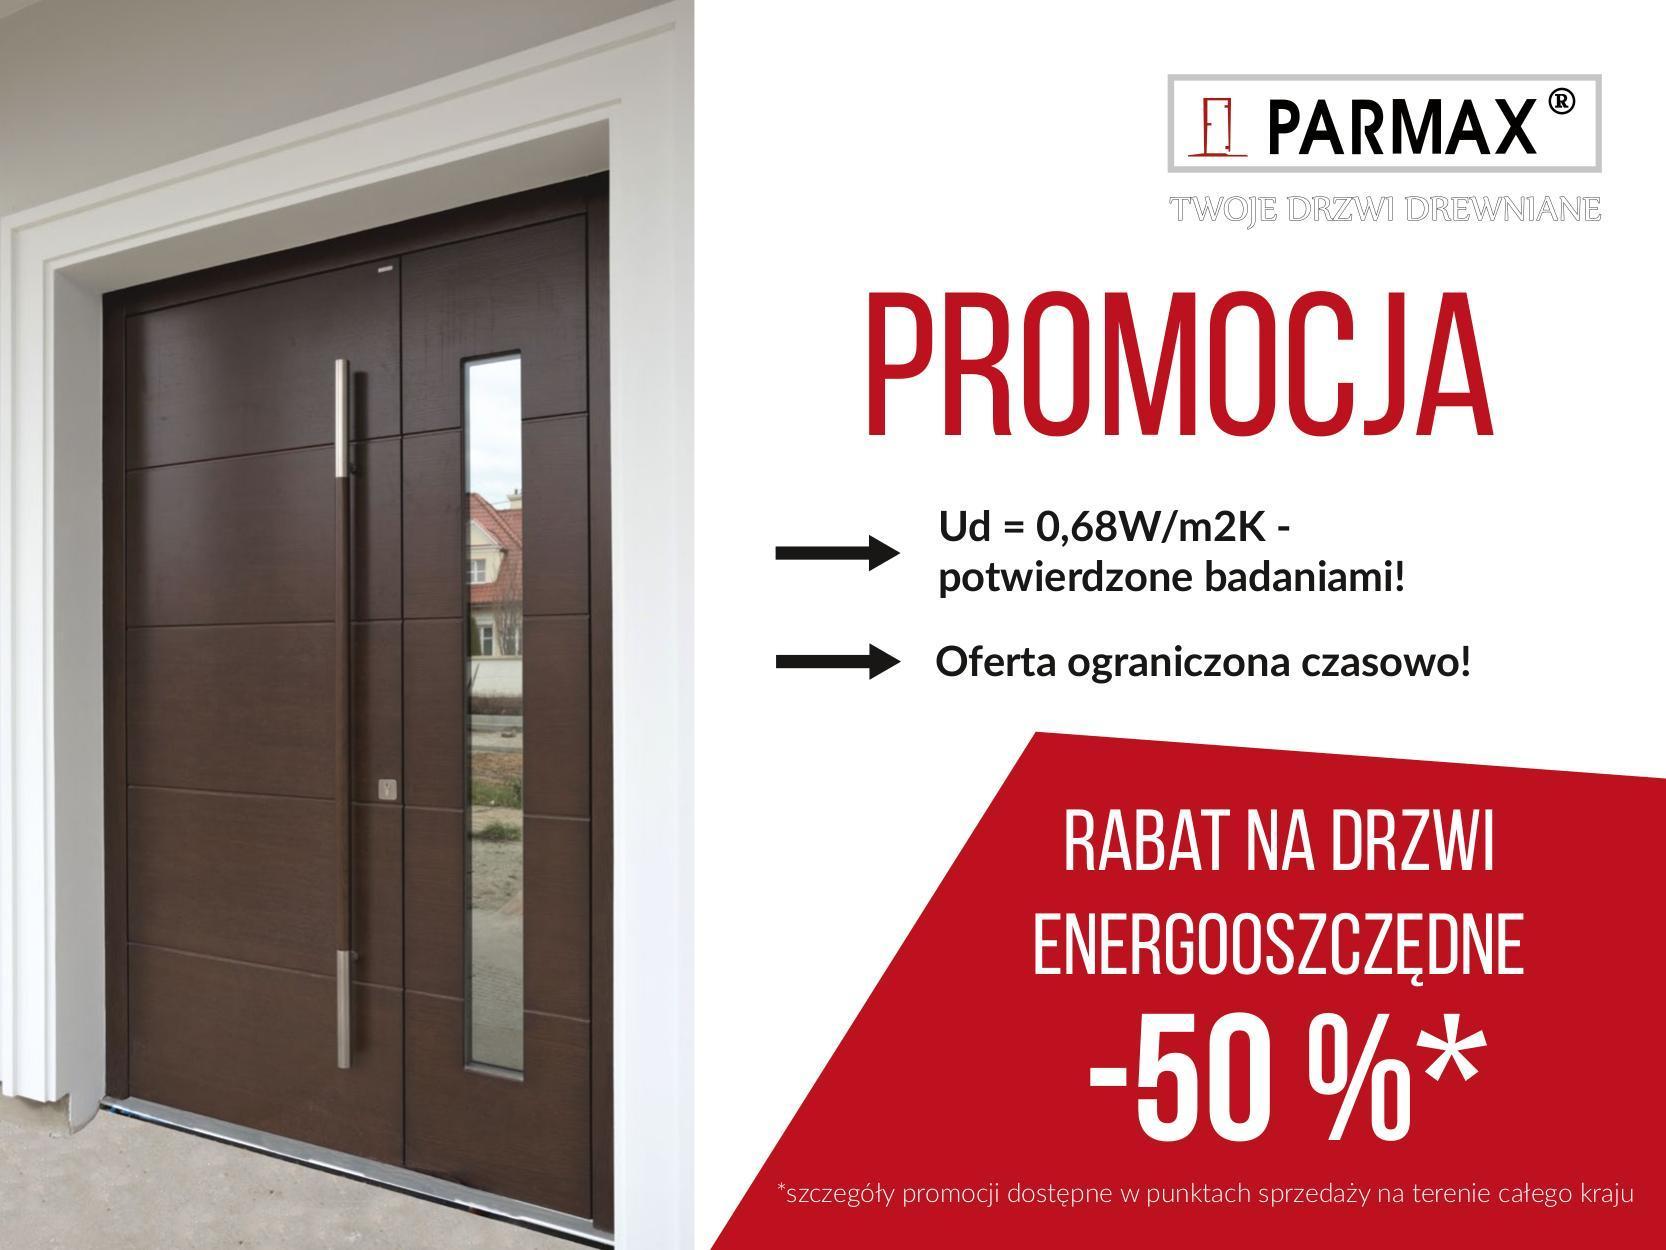 promocja_parmax drzwi z zawiasem chowanym gr100mm